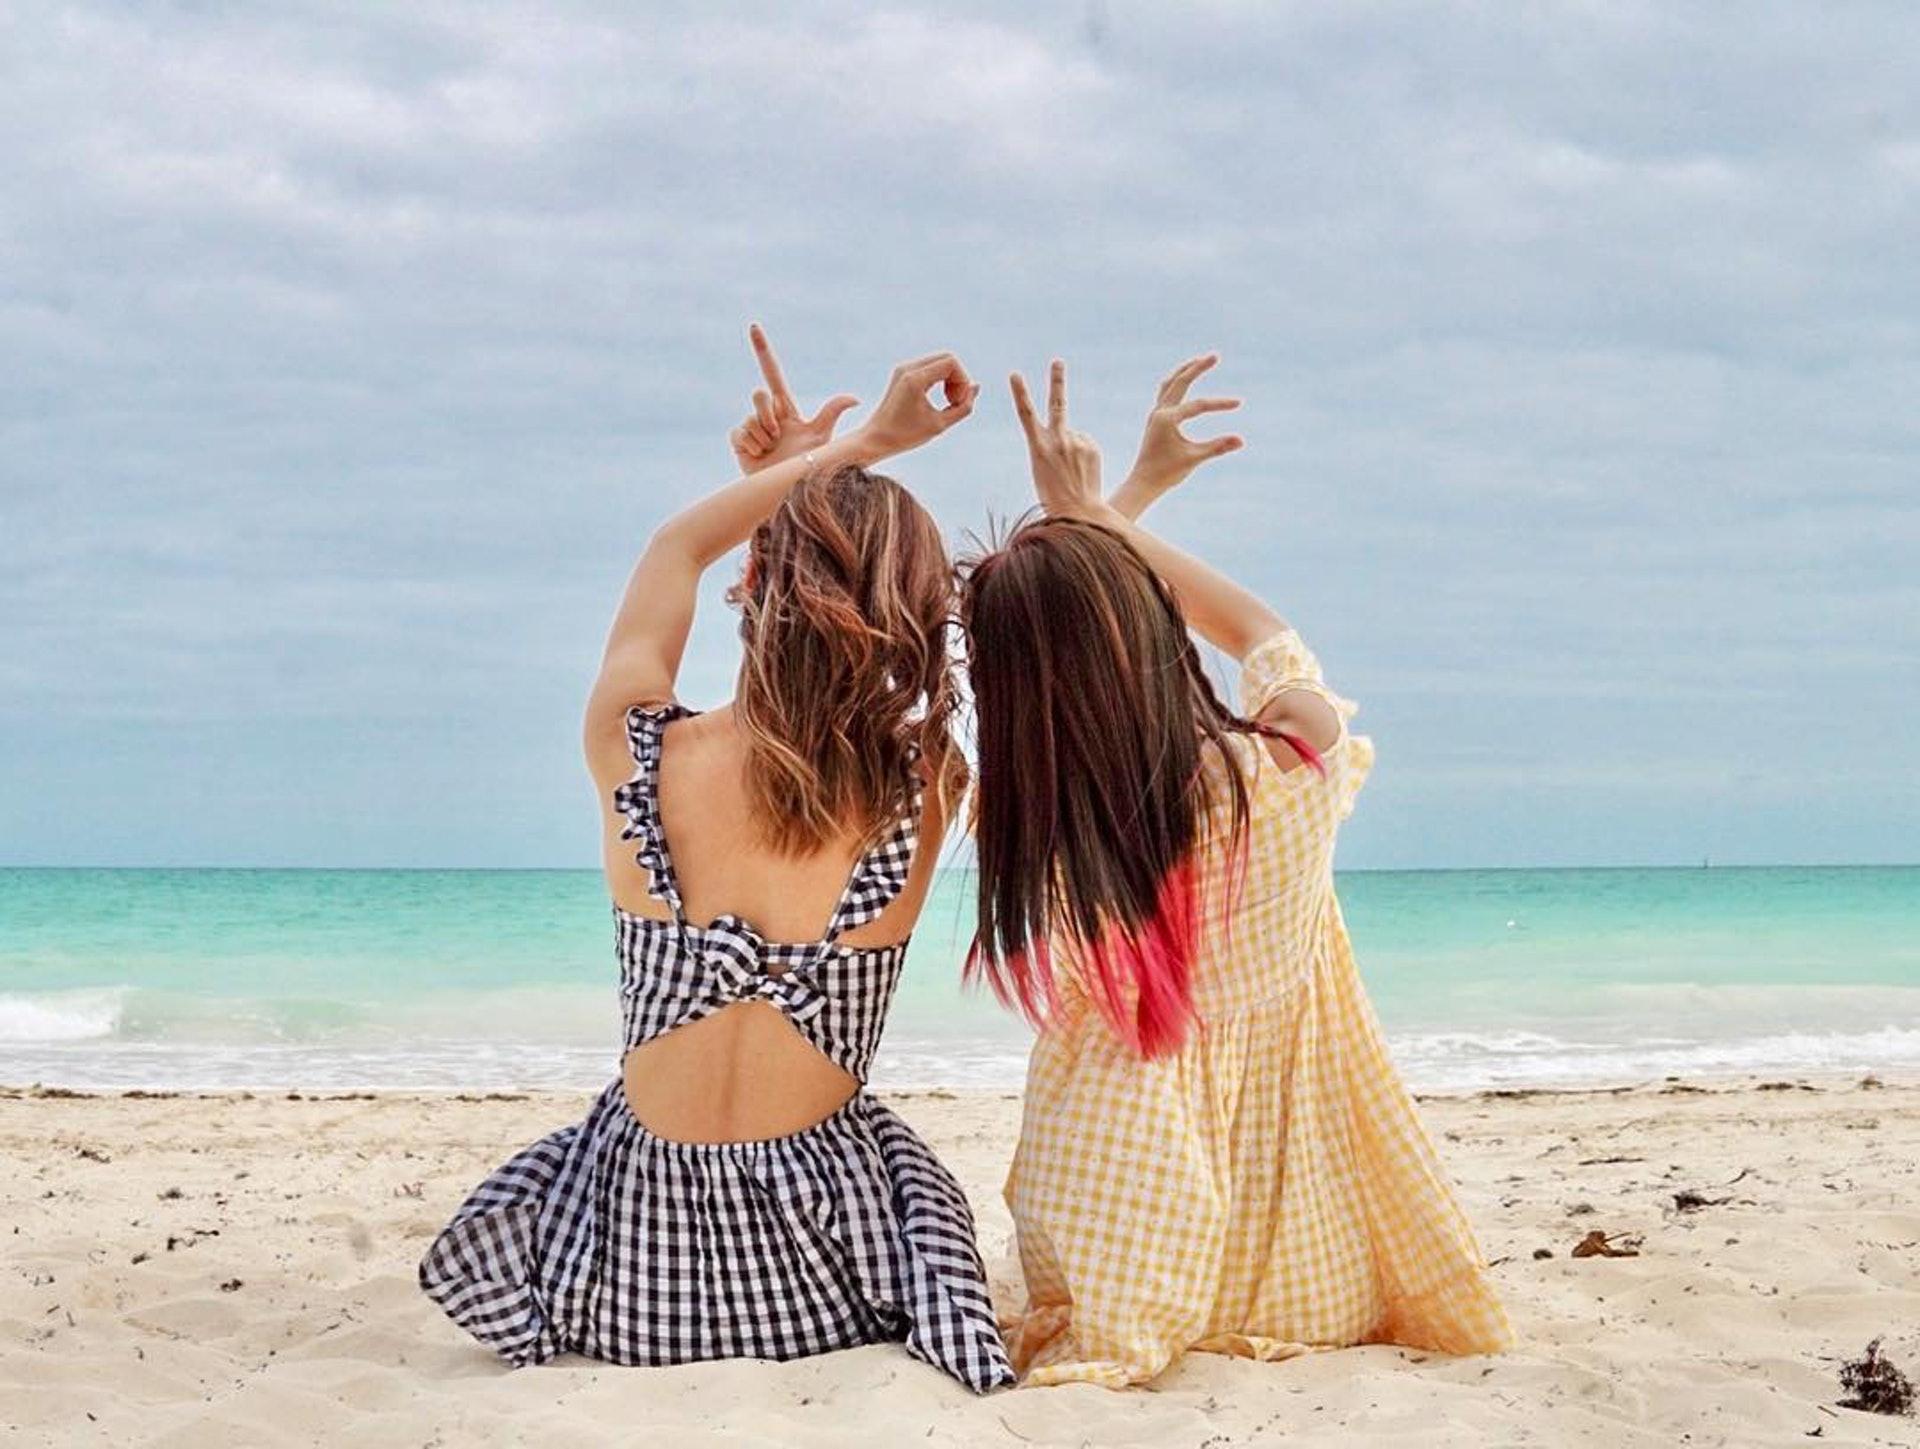 Jessica和Alycia情同姊妹,日前一同到巴哈馬旅行。(陳婉衡IG圖片)